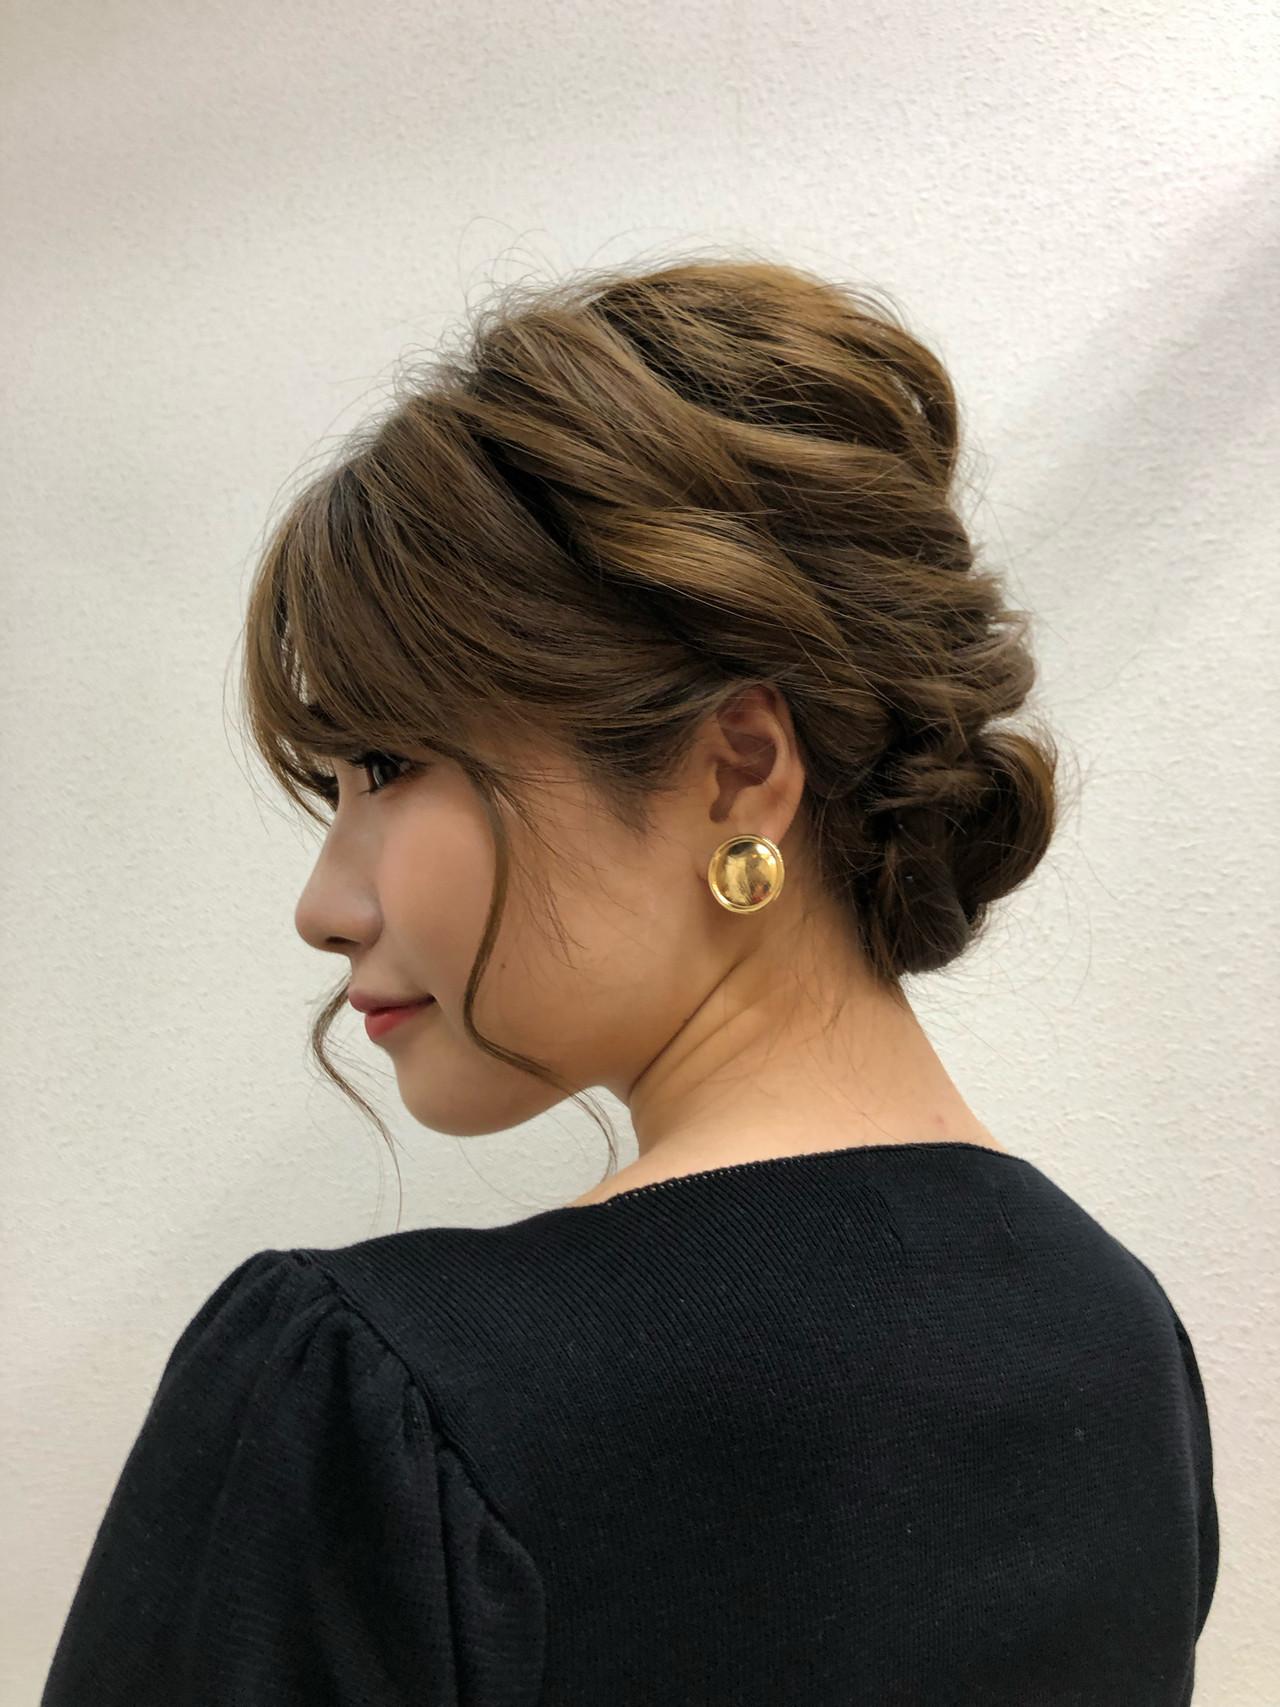 フェミニン 簡単ヘアアレンジ デート 編み込みヘア ヘアスタイルや髪型の写真・画像 | 佐藤タカヒロ / Gritter